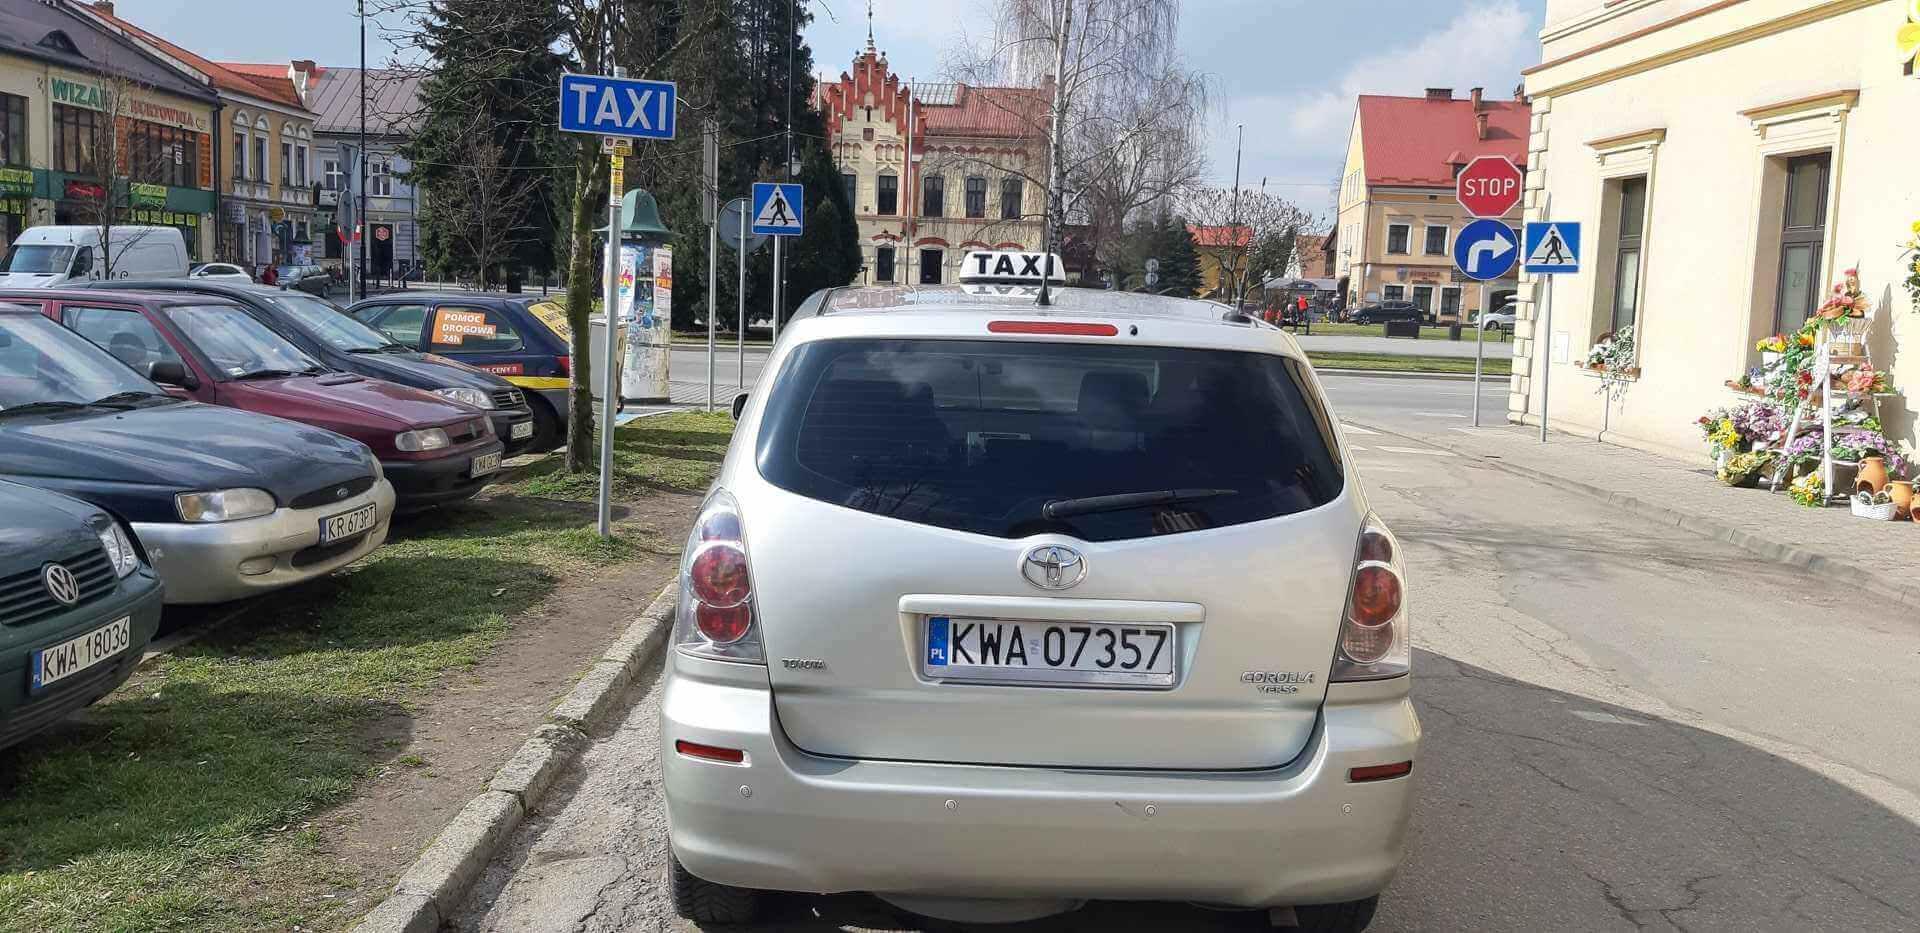 Taxi Zator Postój